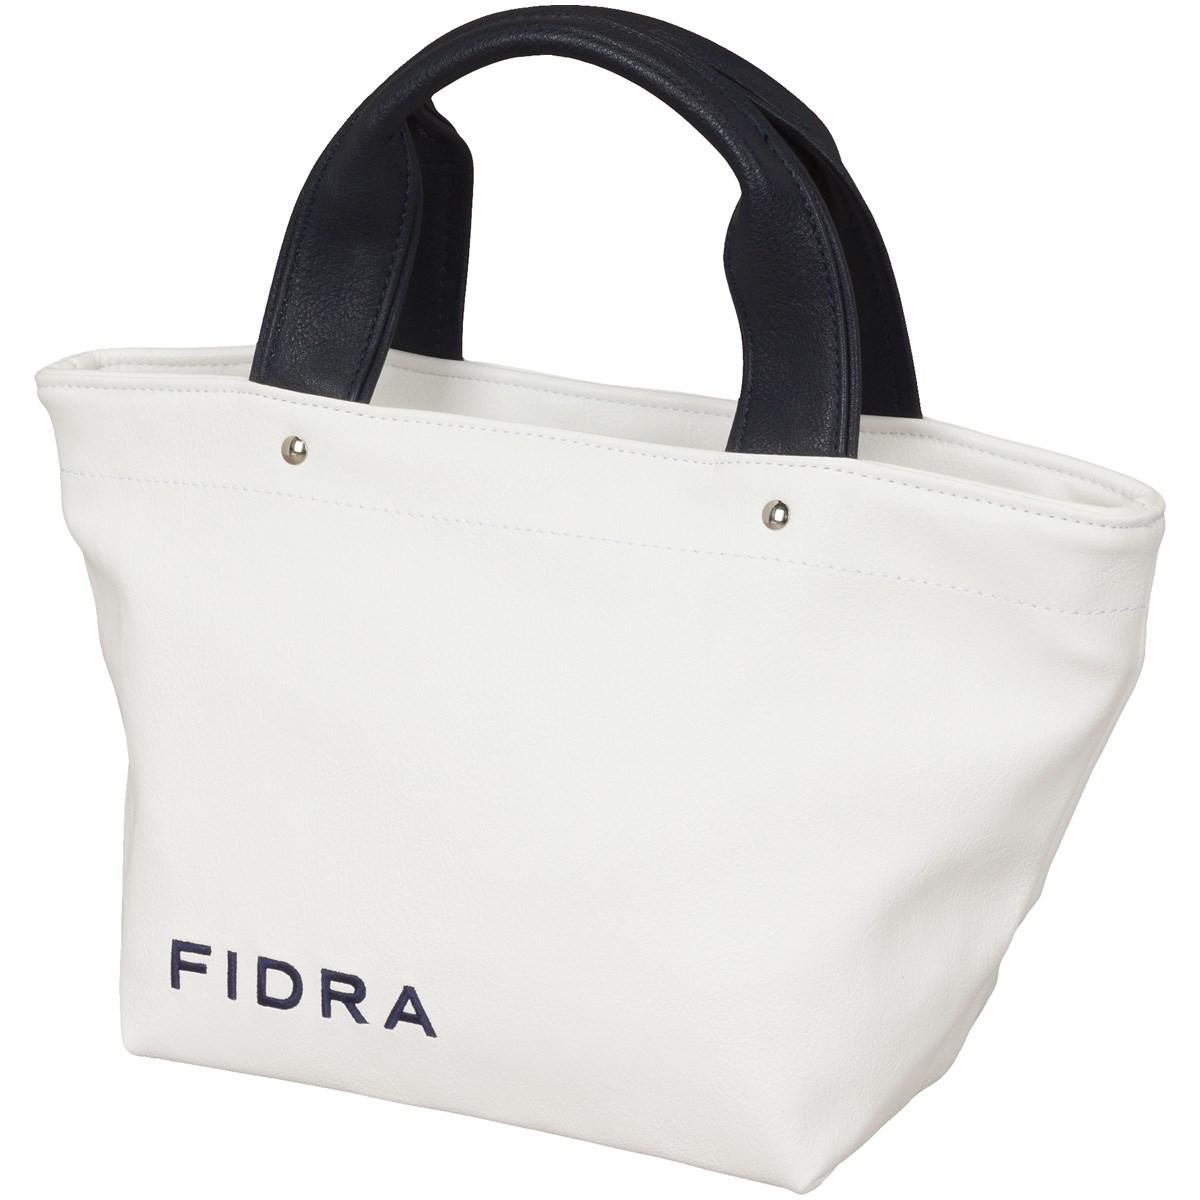 フィドラ カートバッグ